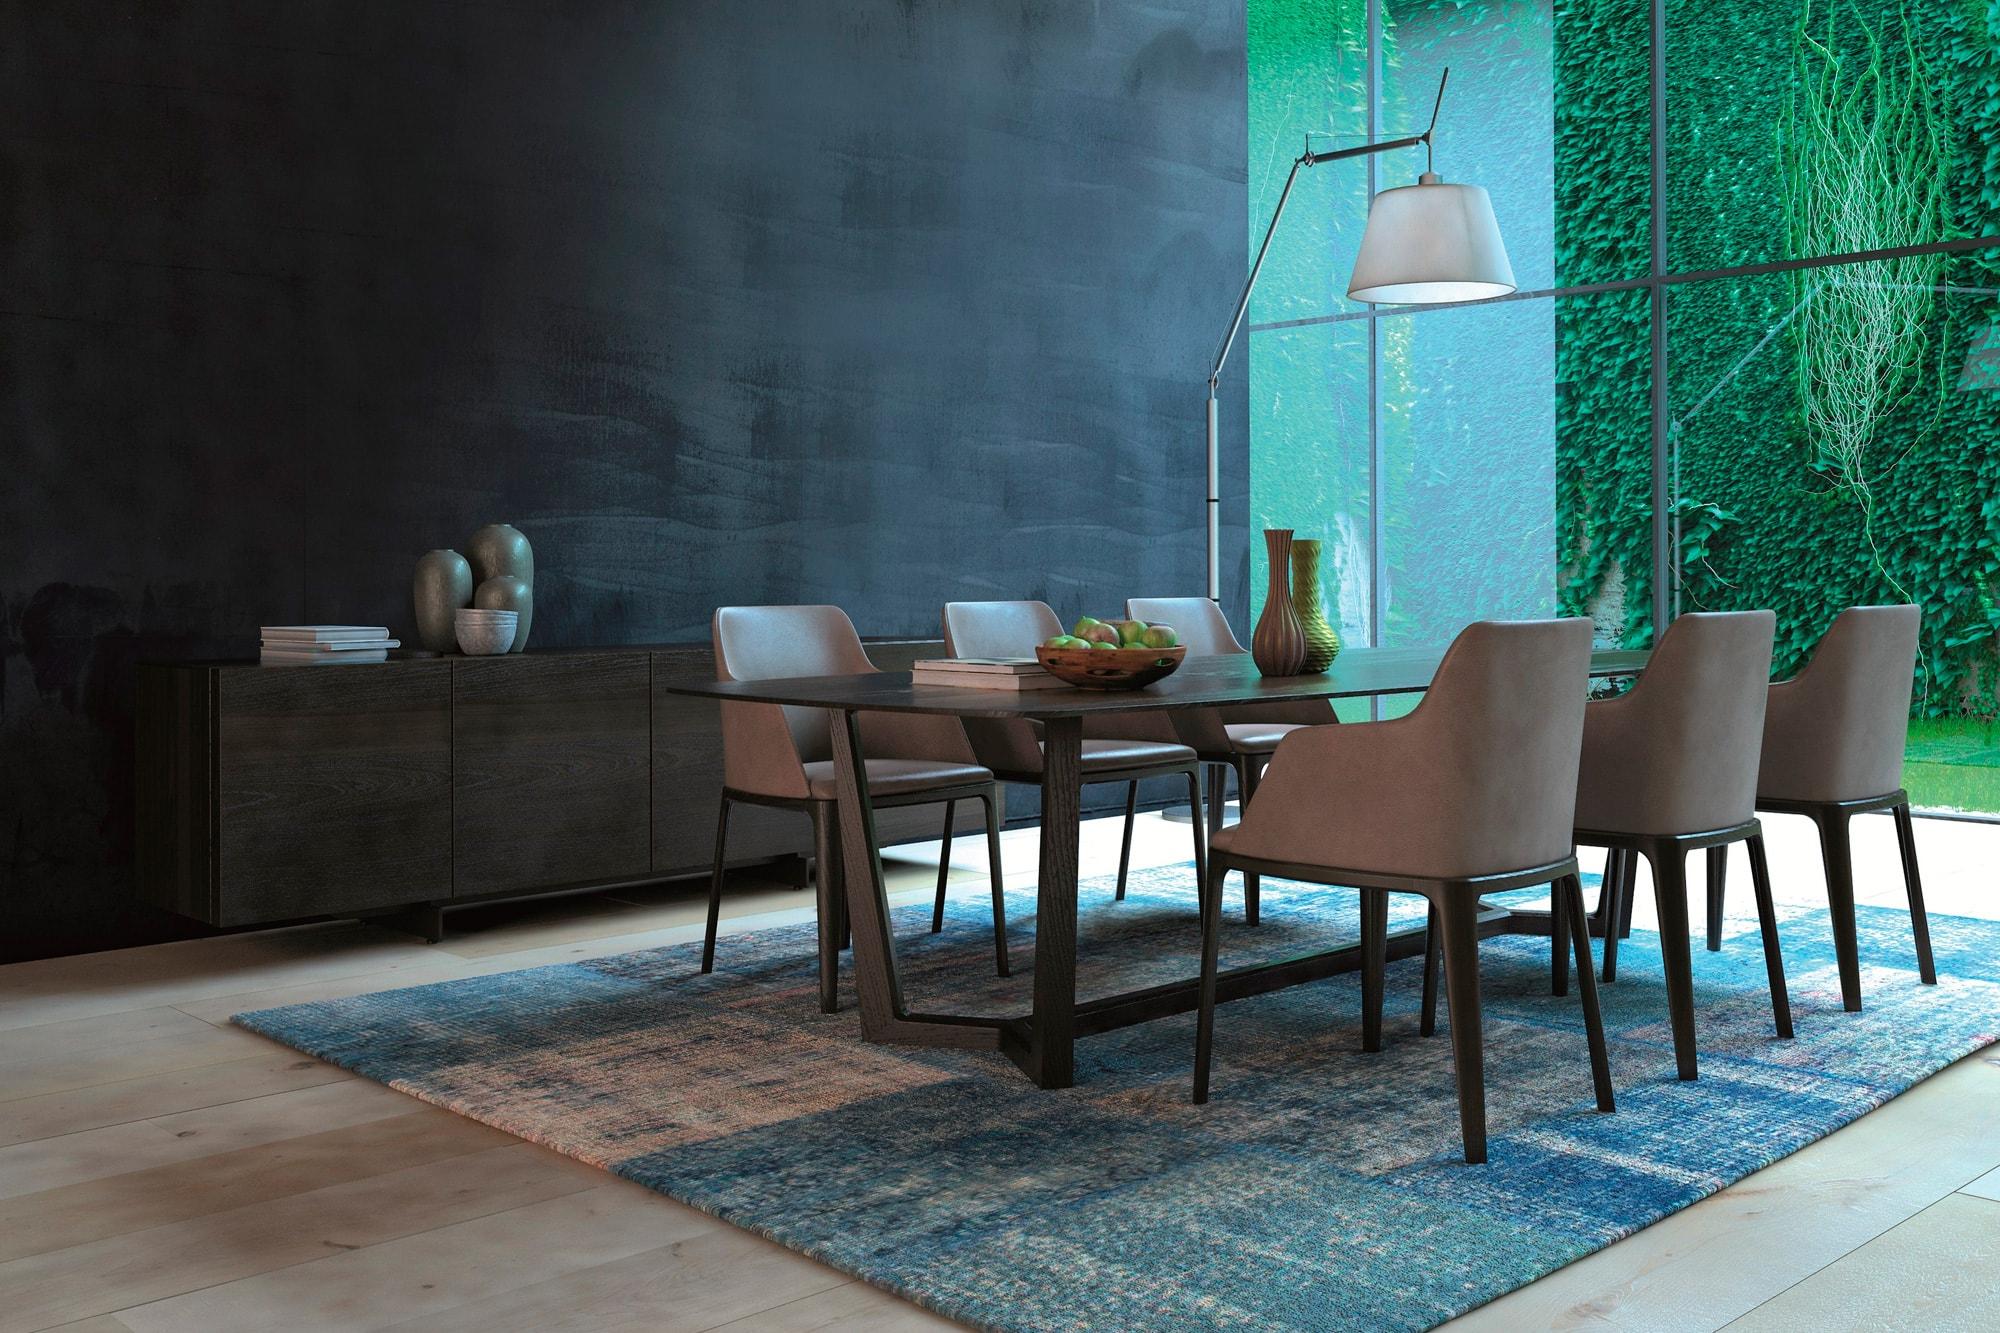 Tre erre arredamenti produzione e vendita mobili cucine for Errequ arredamenti